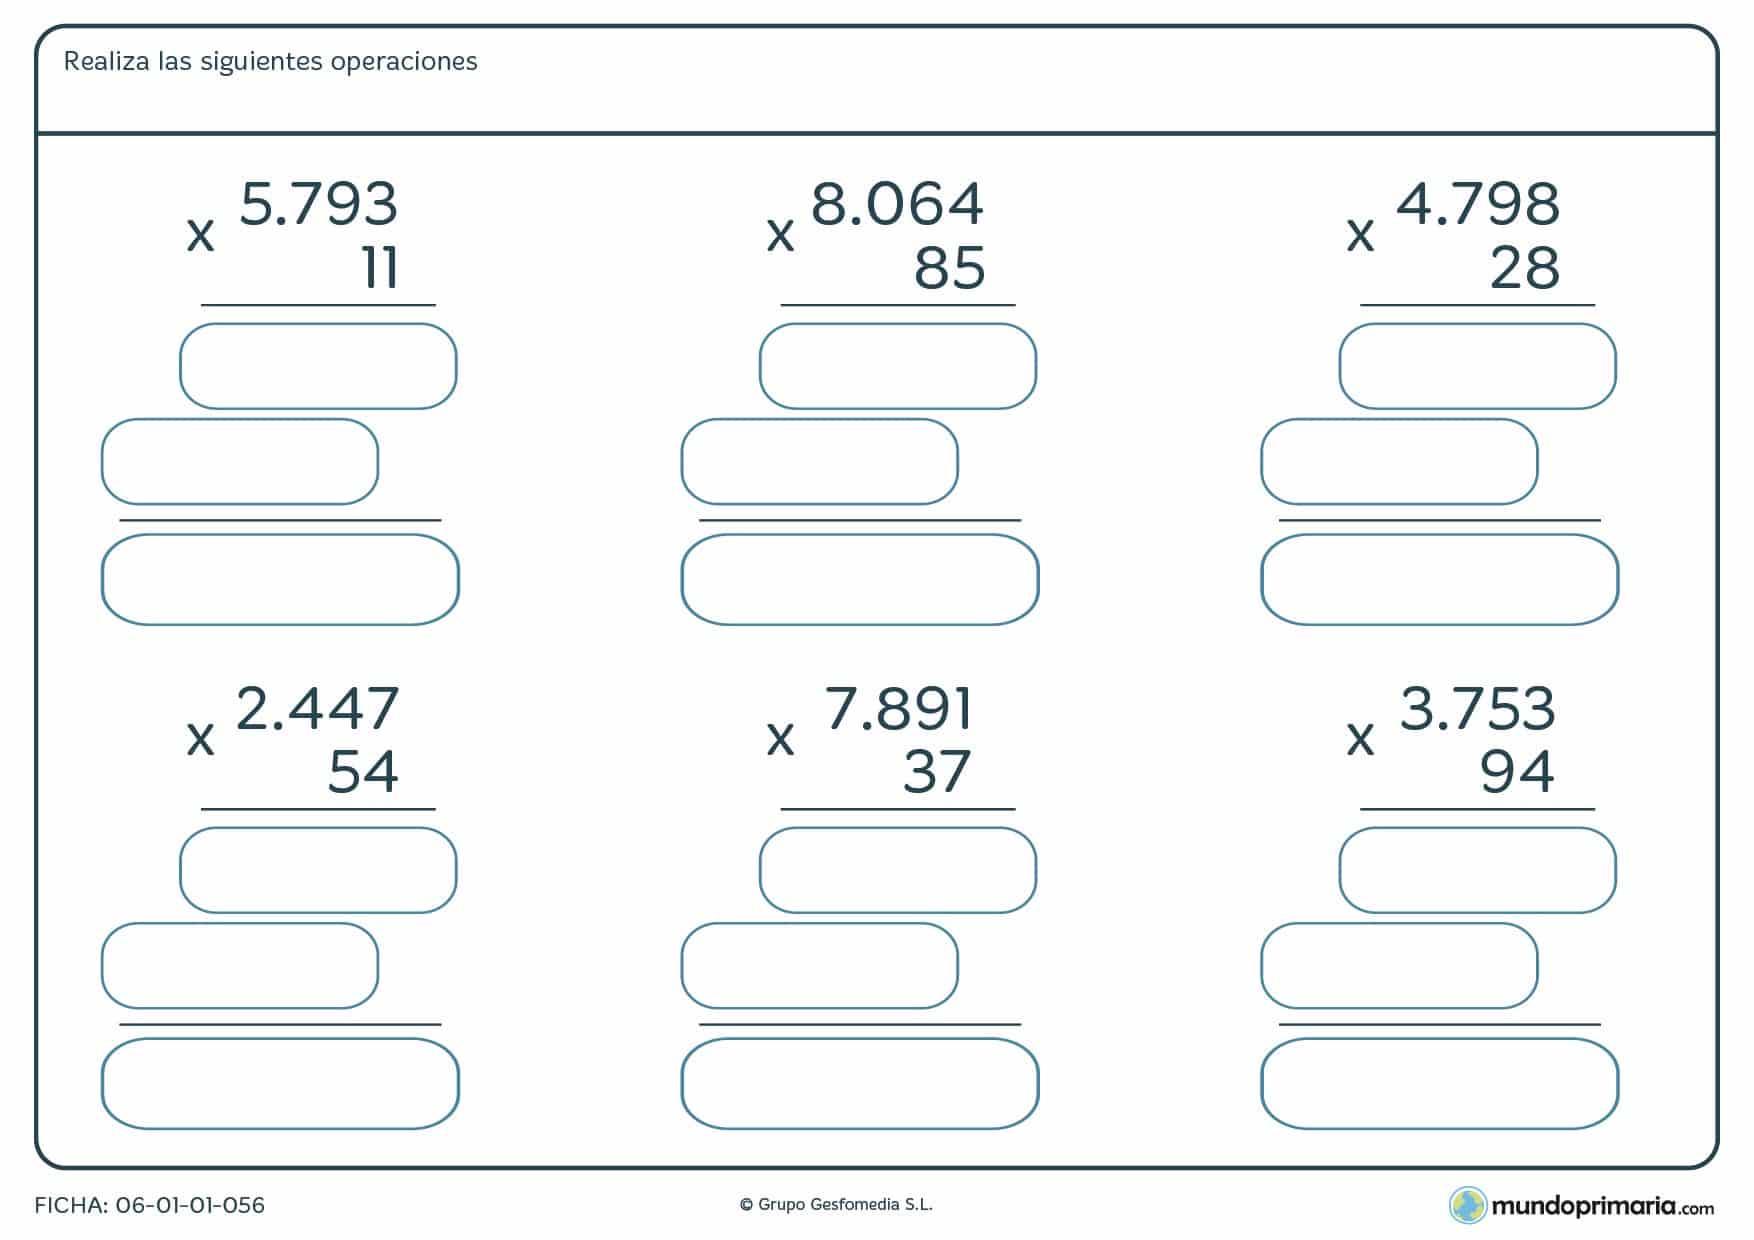 Ficha para 4º de Primaria de realizar operaciones de multiplicar por números de 2 cifras. Contiene seis operaciones distintas.